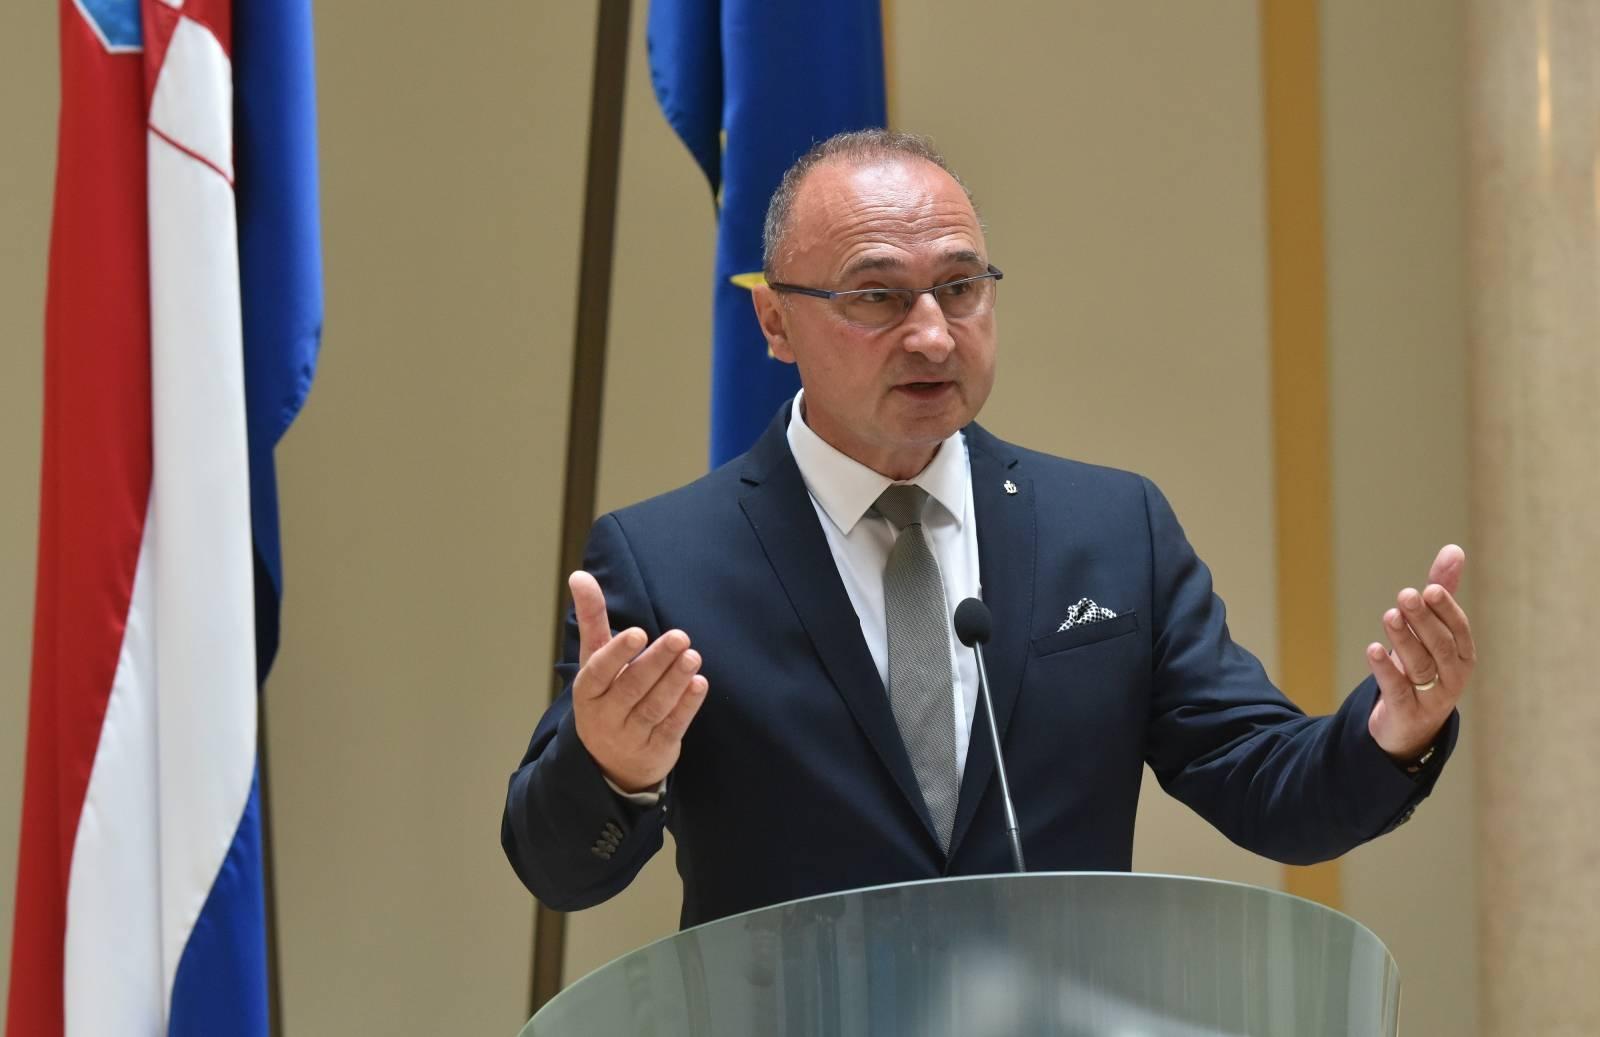 Prva konferencija za medije novog ministra vanjskih i europskih poslova Gordana Grlića Radmana